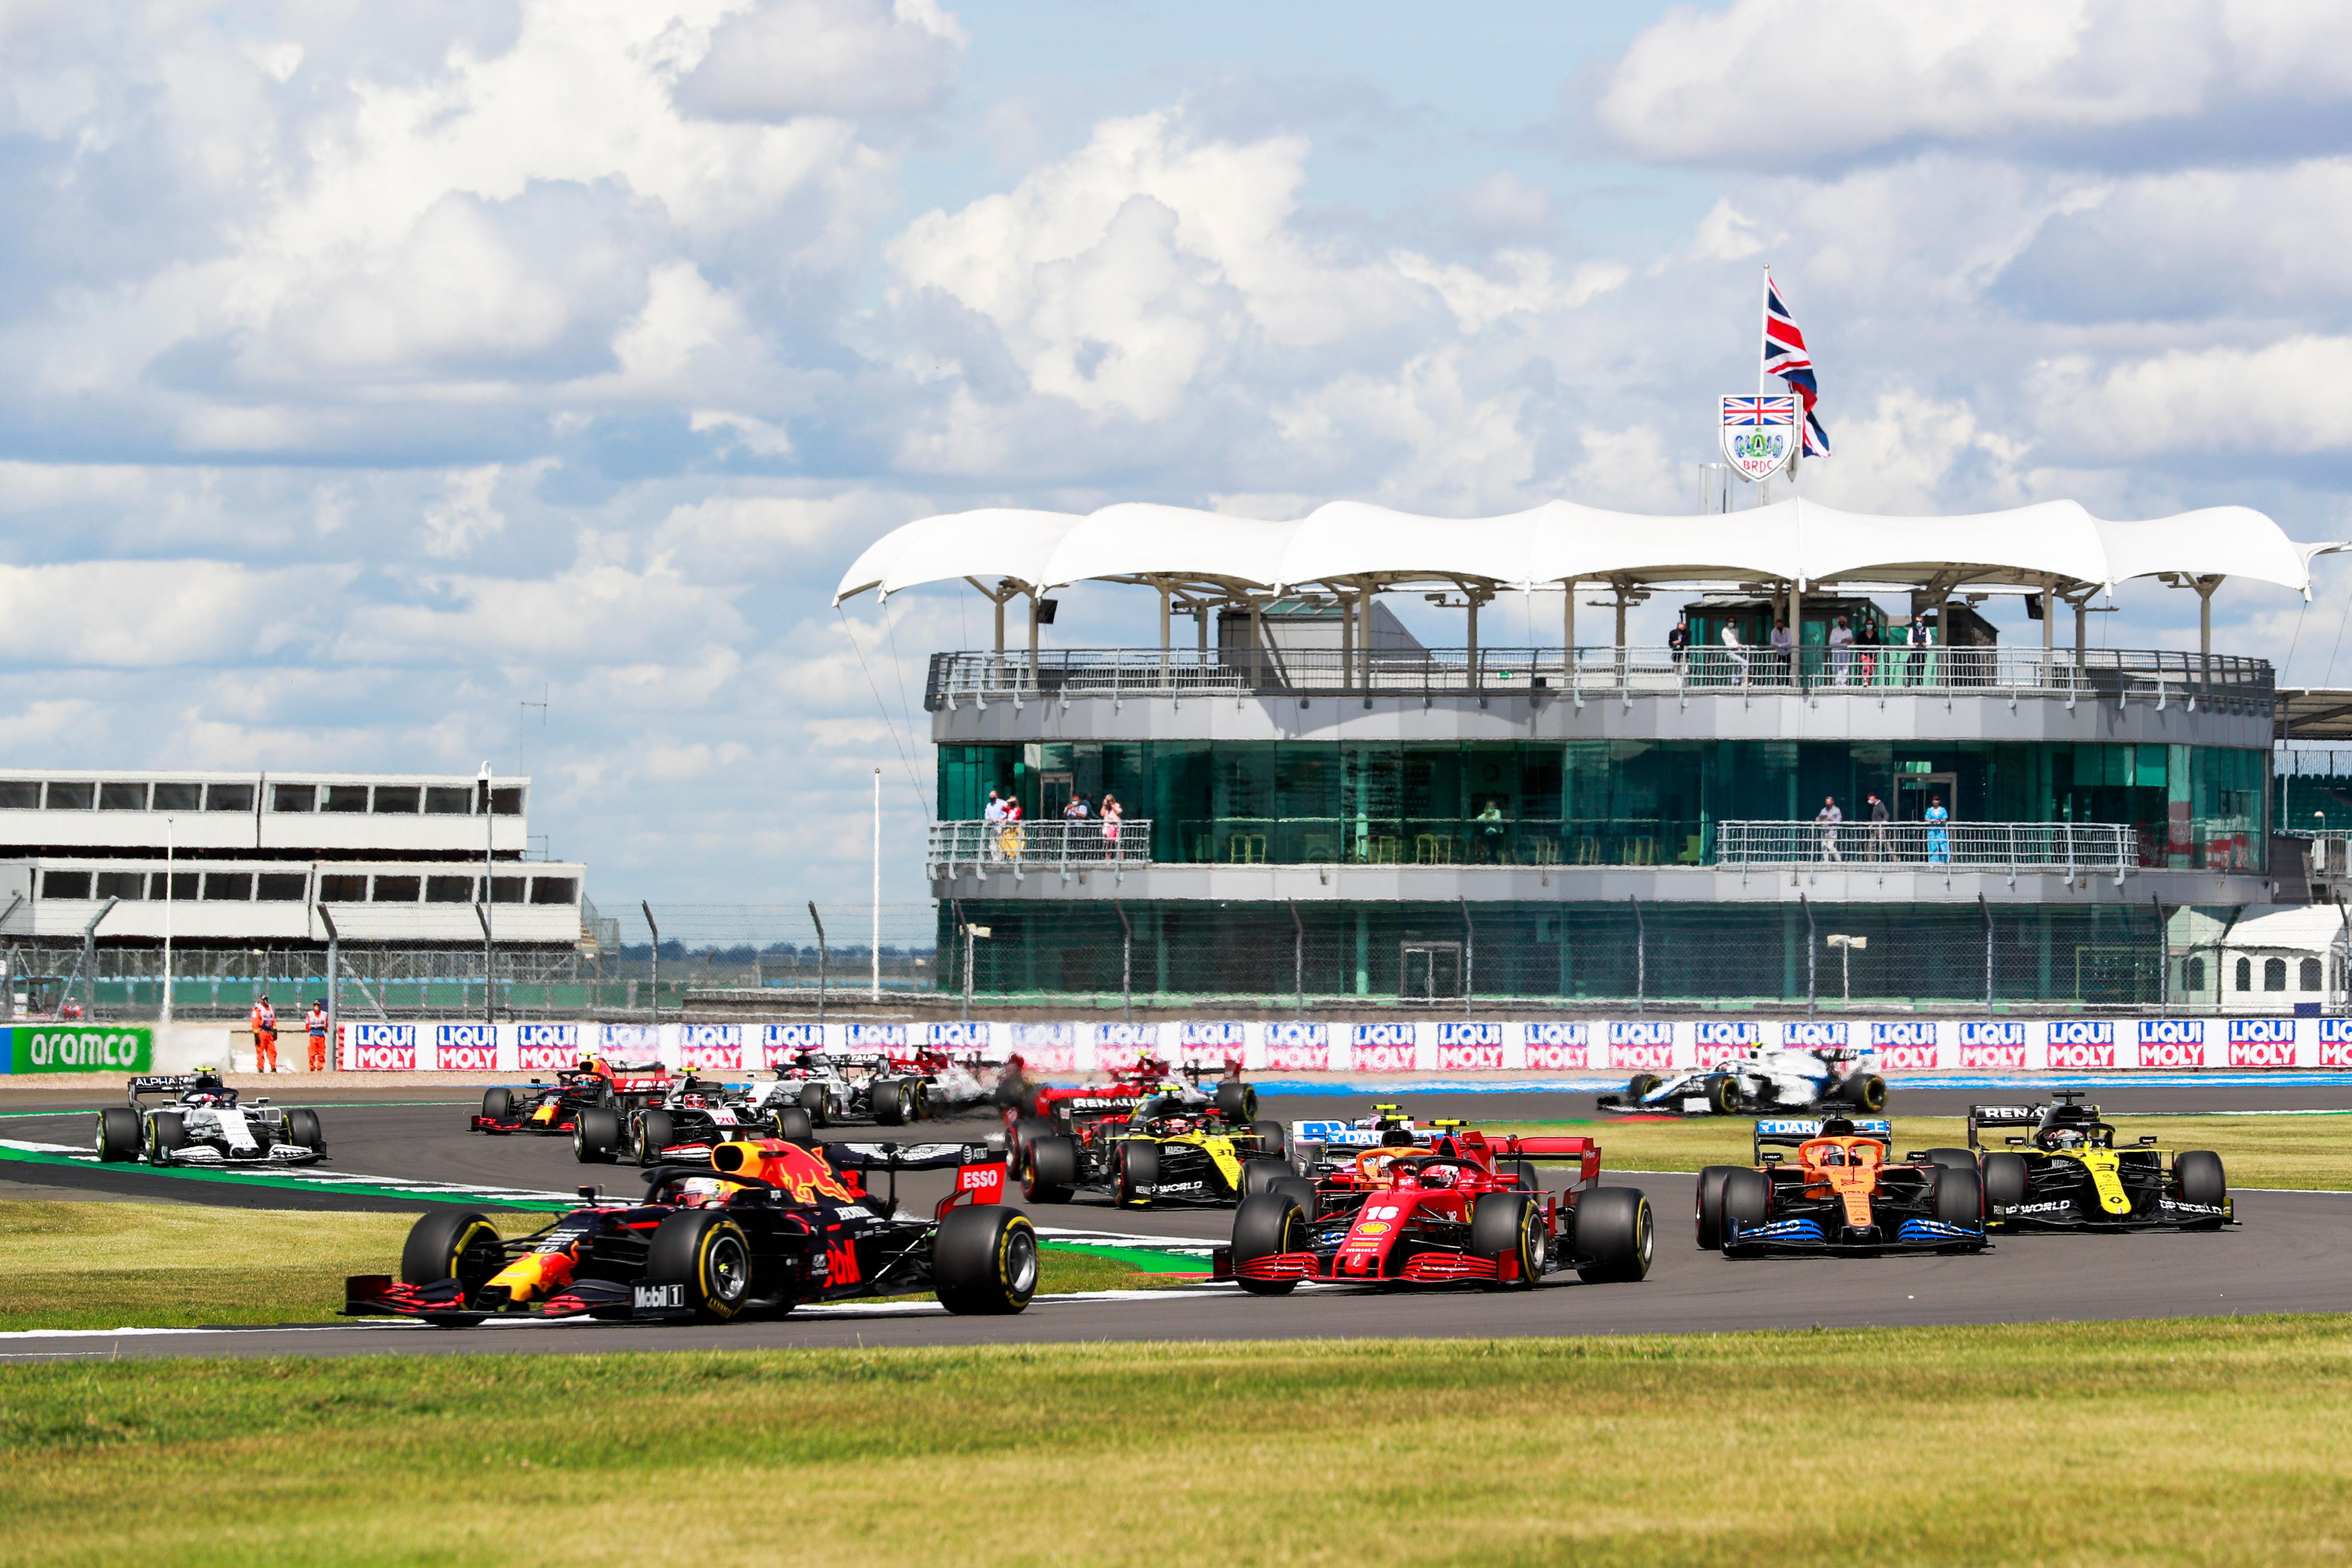 British Grand Prix 2020 Silverstone